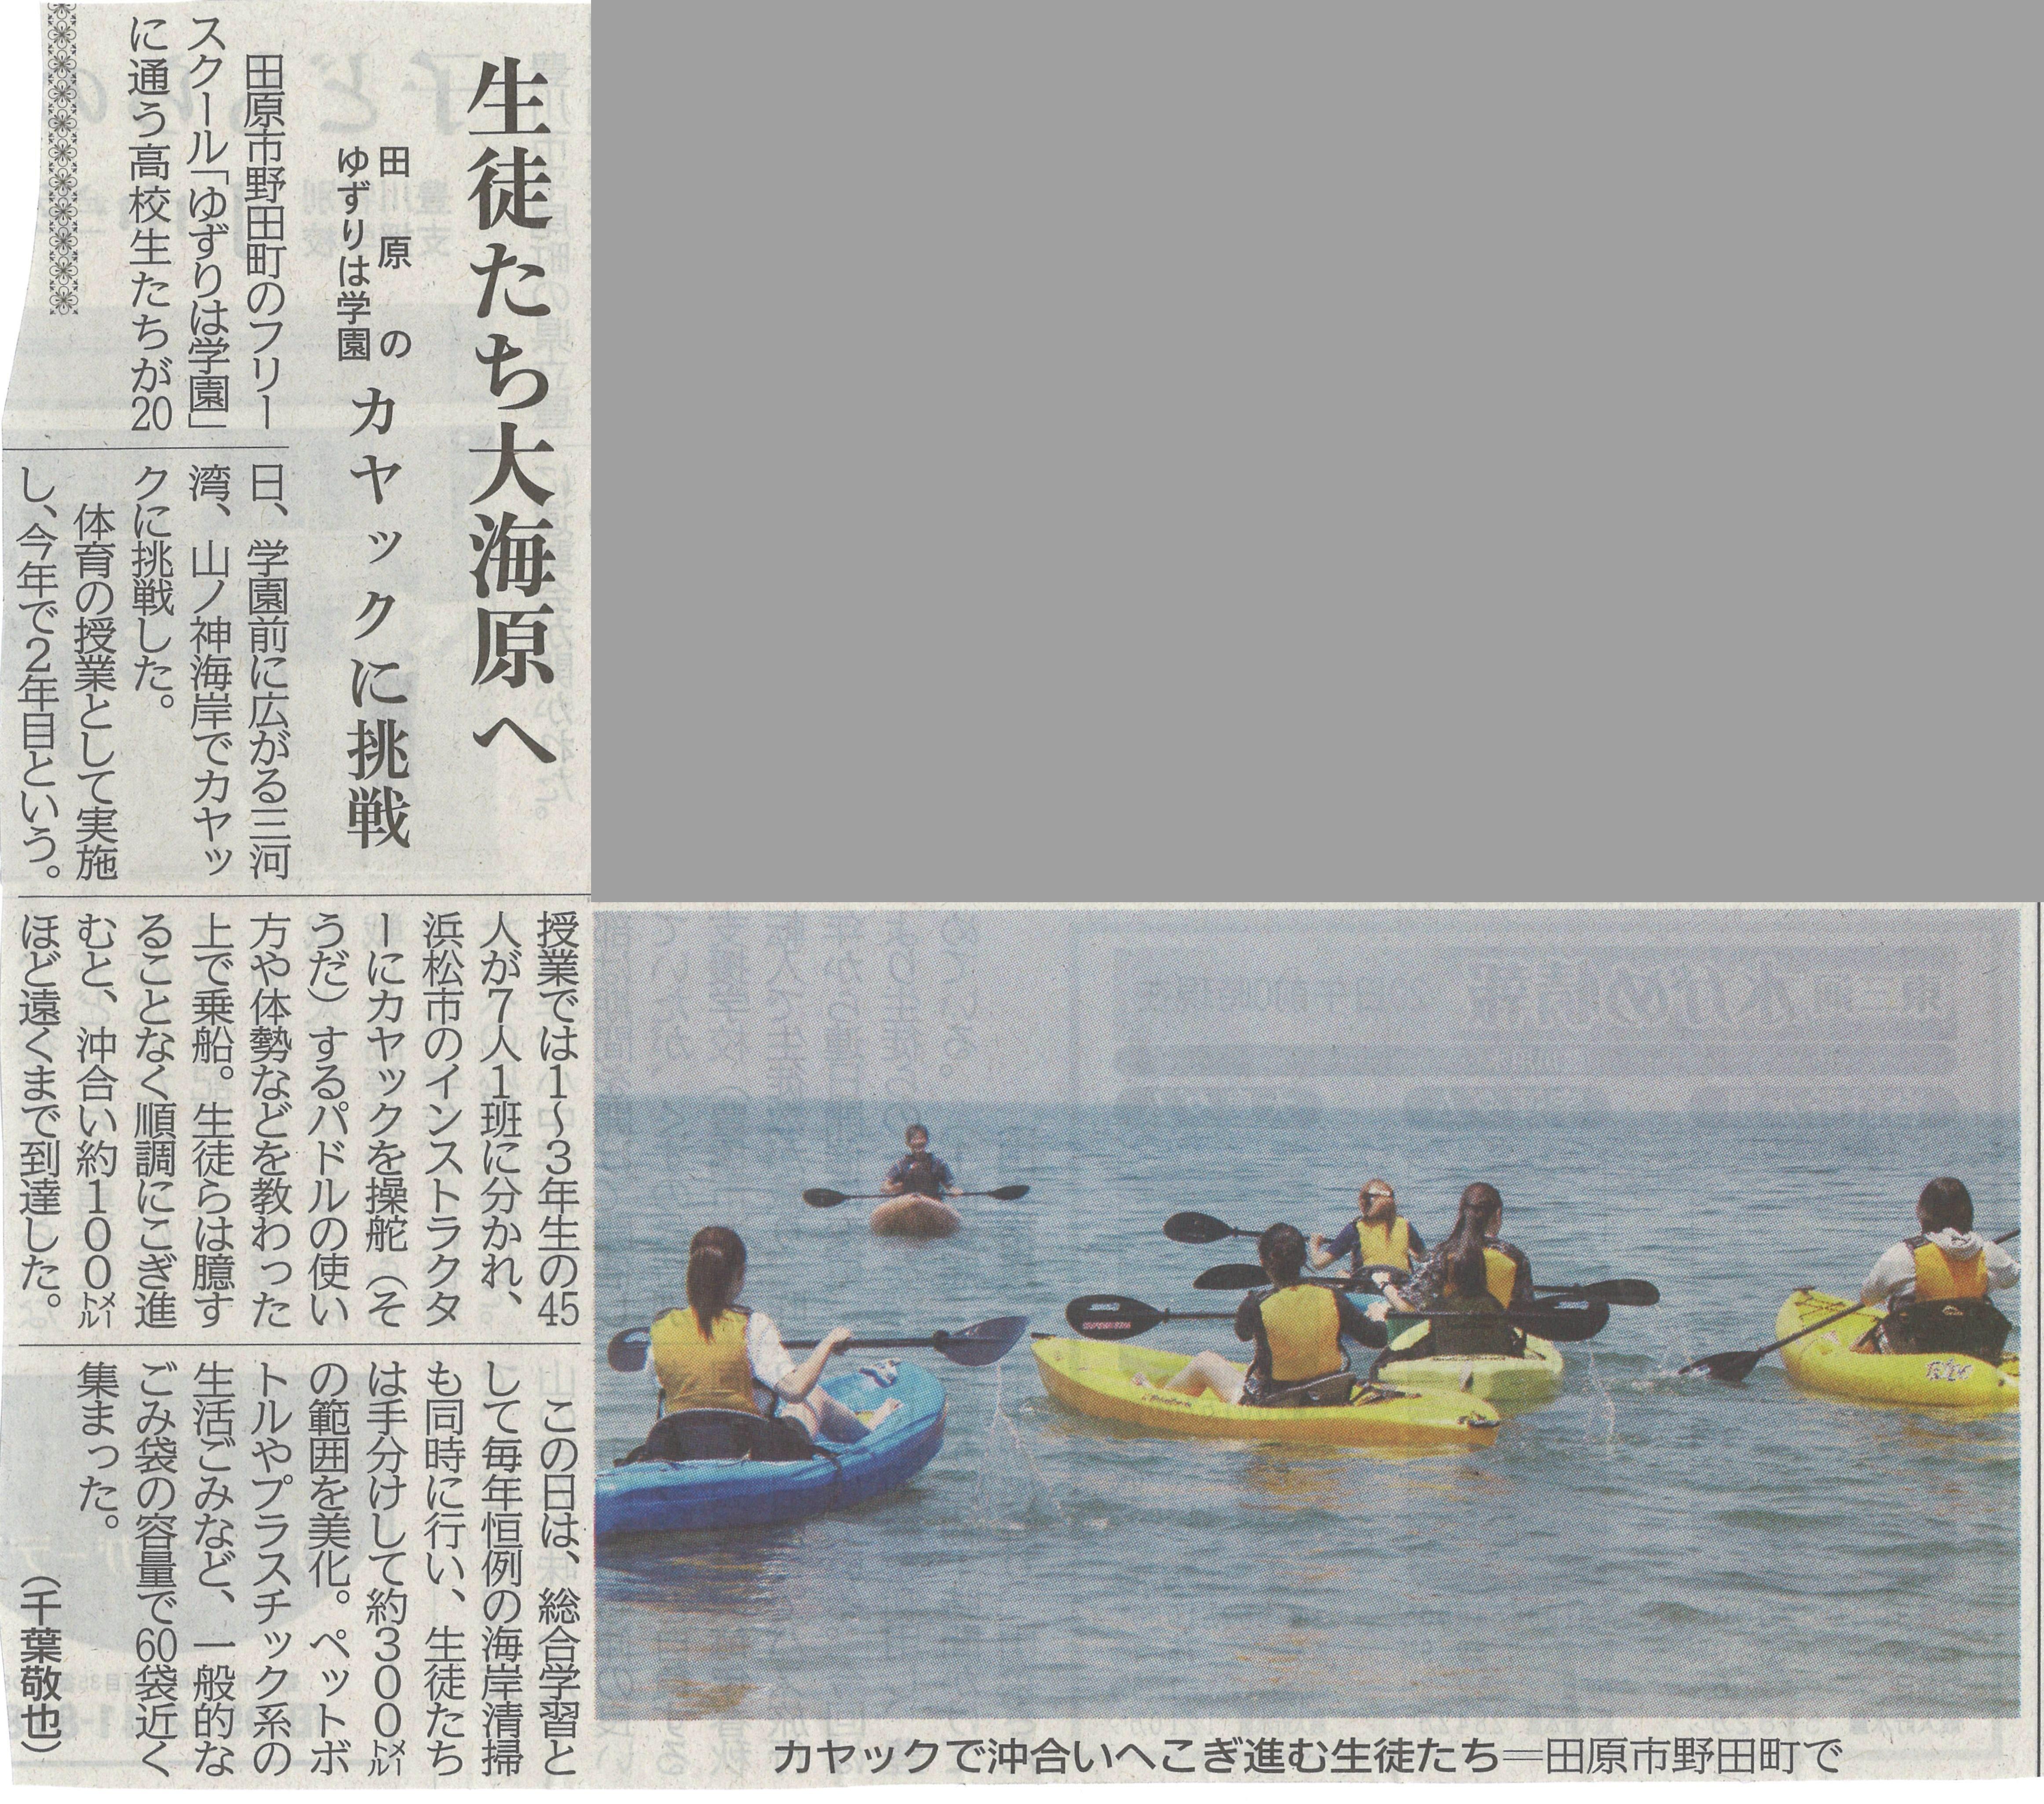 048_東愛知新聞掲載「生徒たち大海原へ」